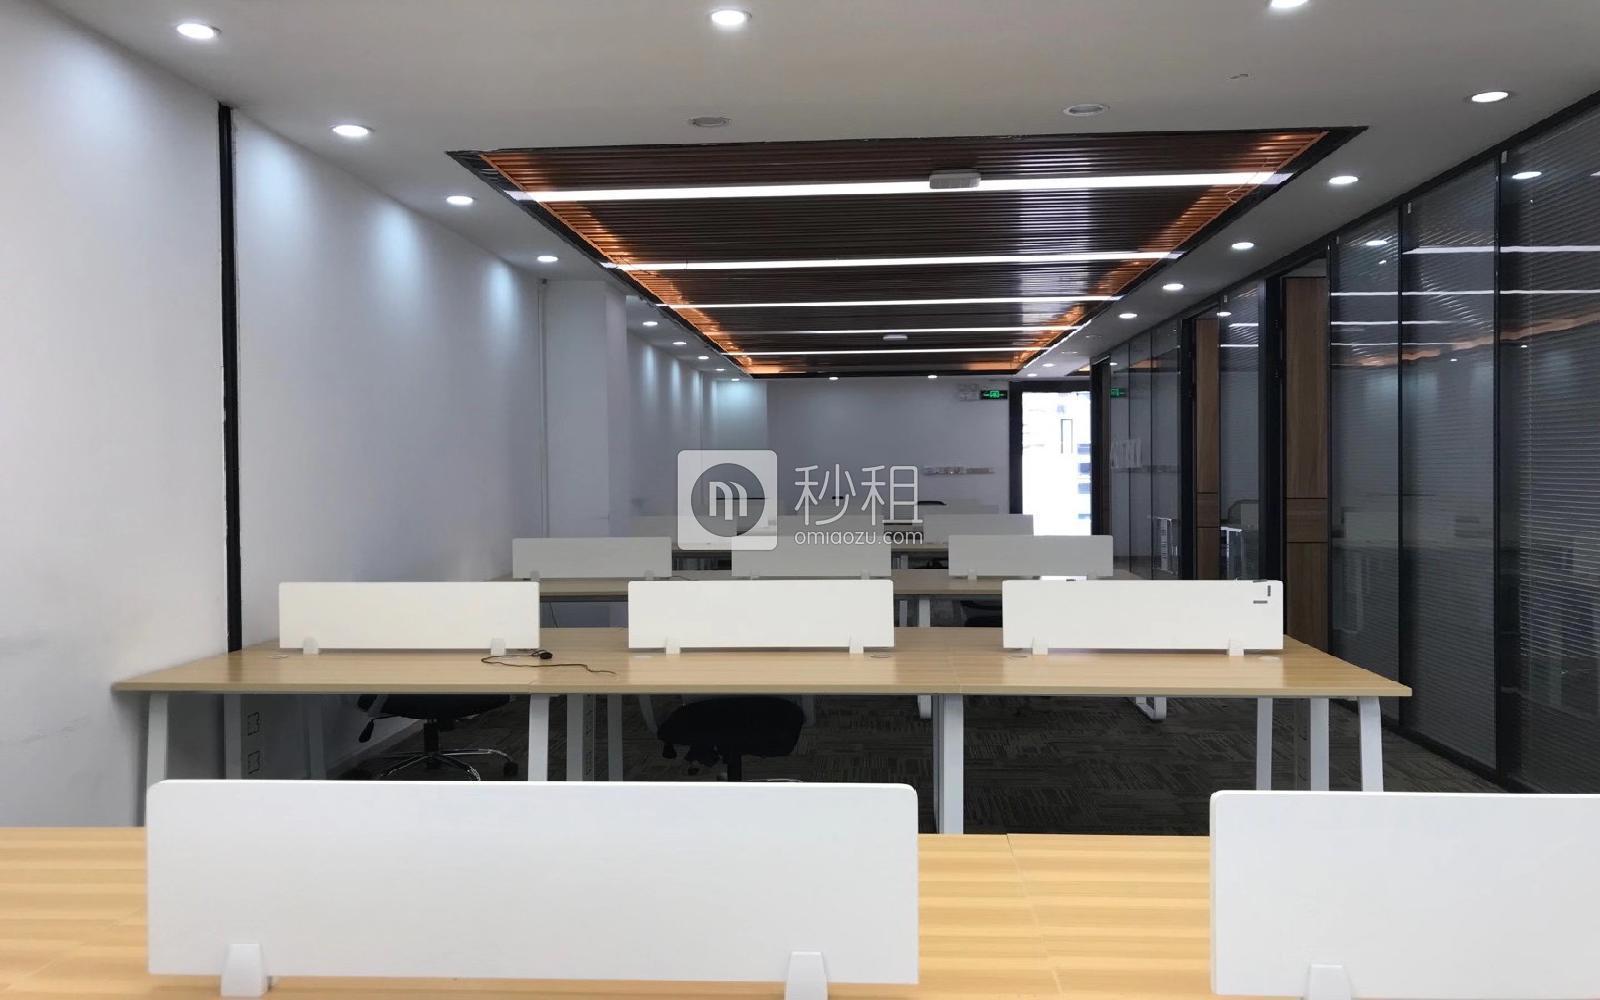 南山-科技园 深圳湾科技生态园(二期) 388m²